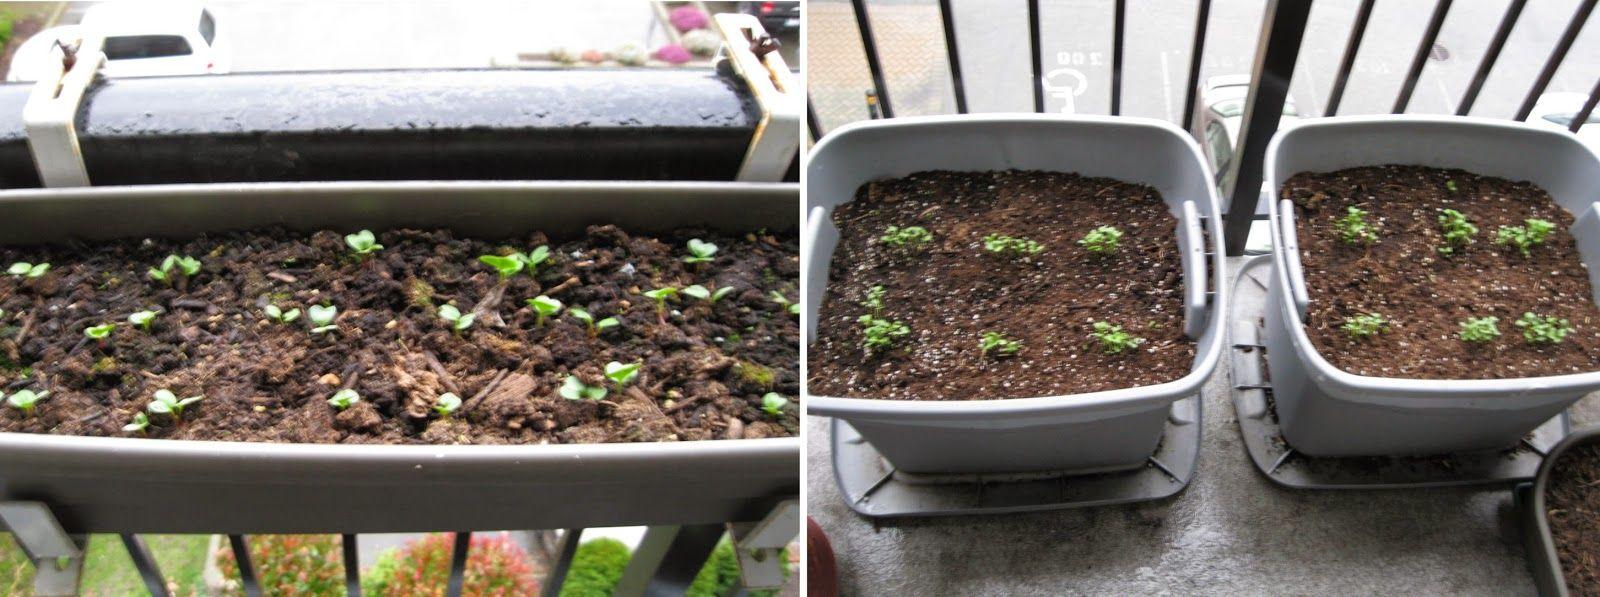 Tips for Growing Kale | Growing kale, Kale, Growing Companion Planting Kale